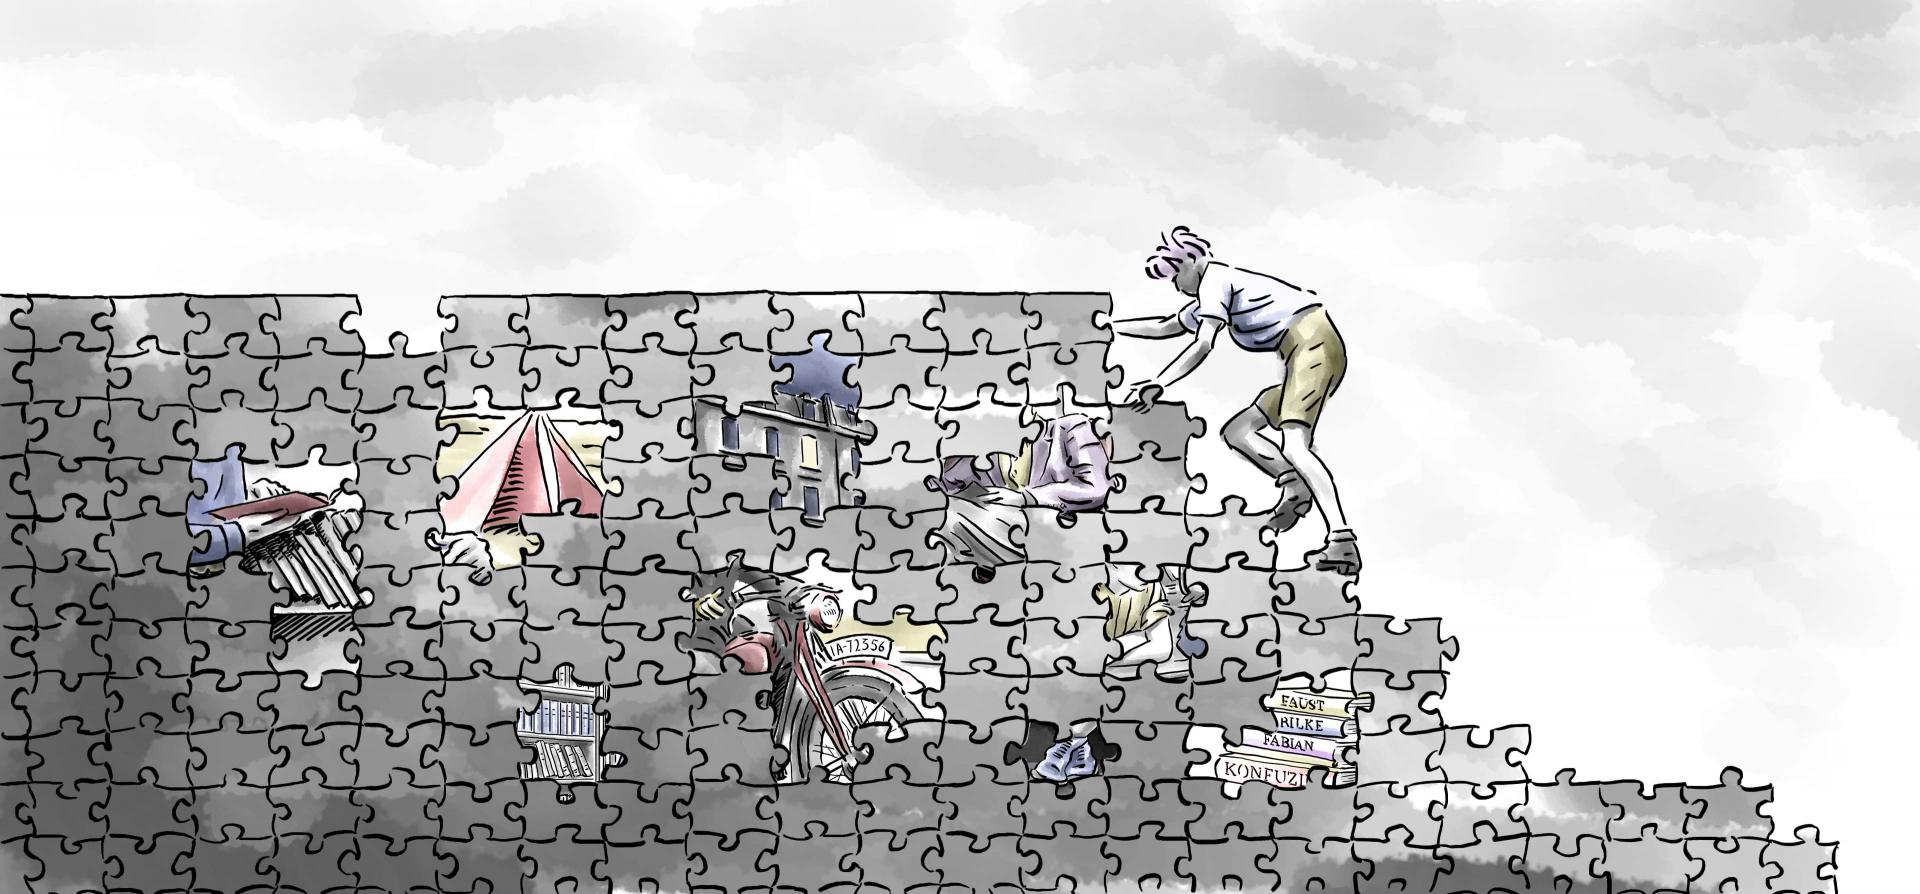 Die Illustration zeigt einen jungen Mann, der eine aus Puzzleteilen bestehende Wand erklimmt.